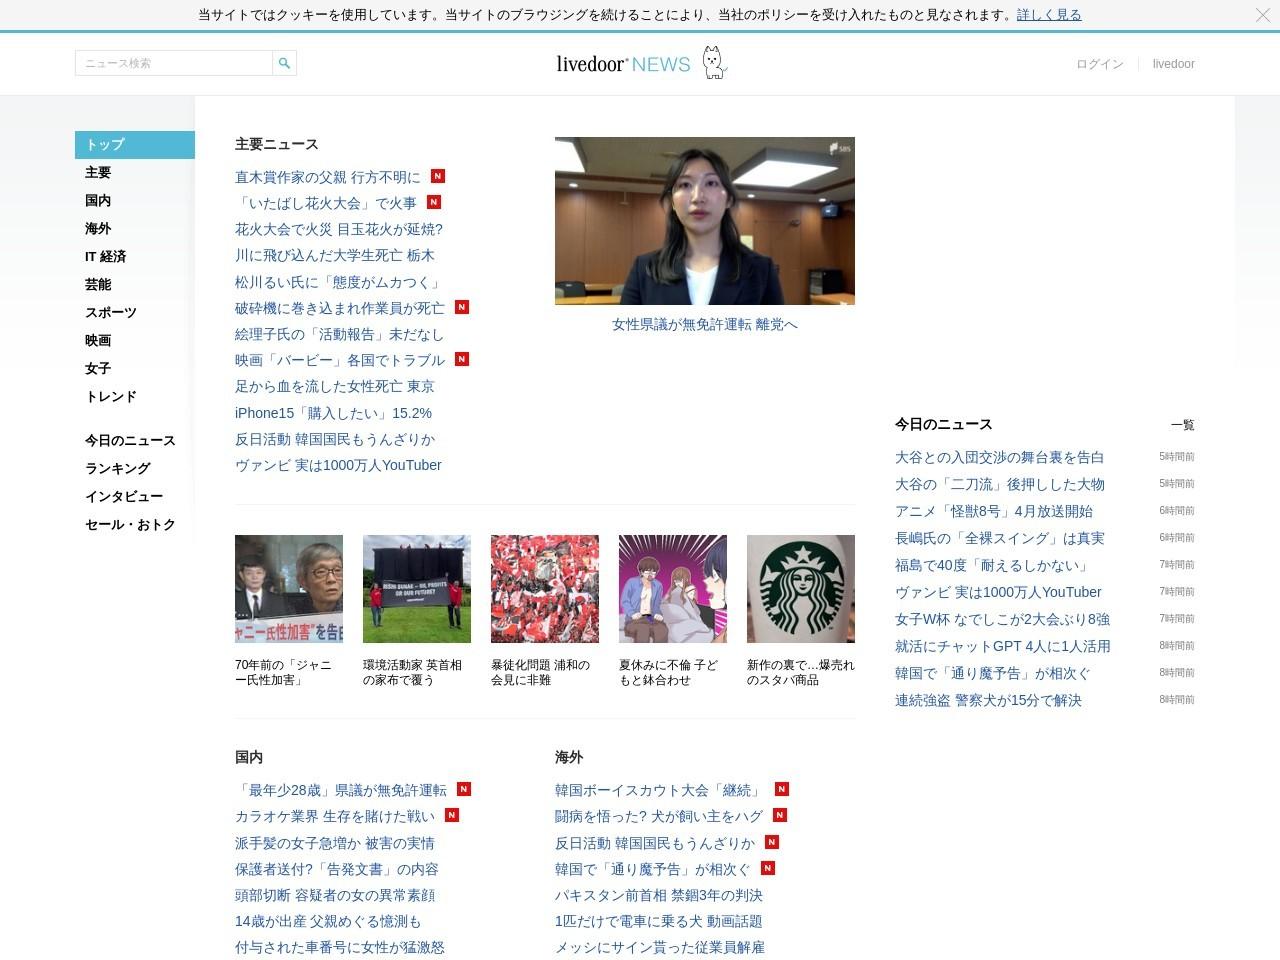 http://news.livedoor.com/article/detail/5255907/